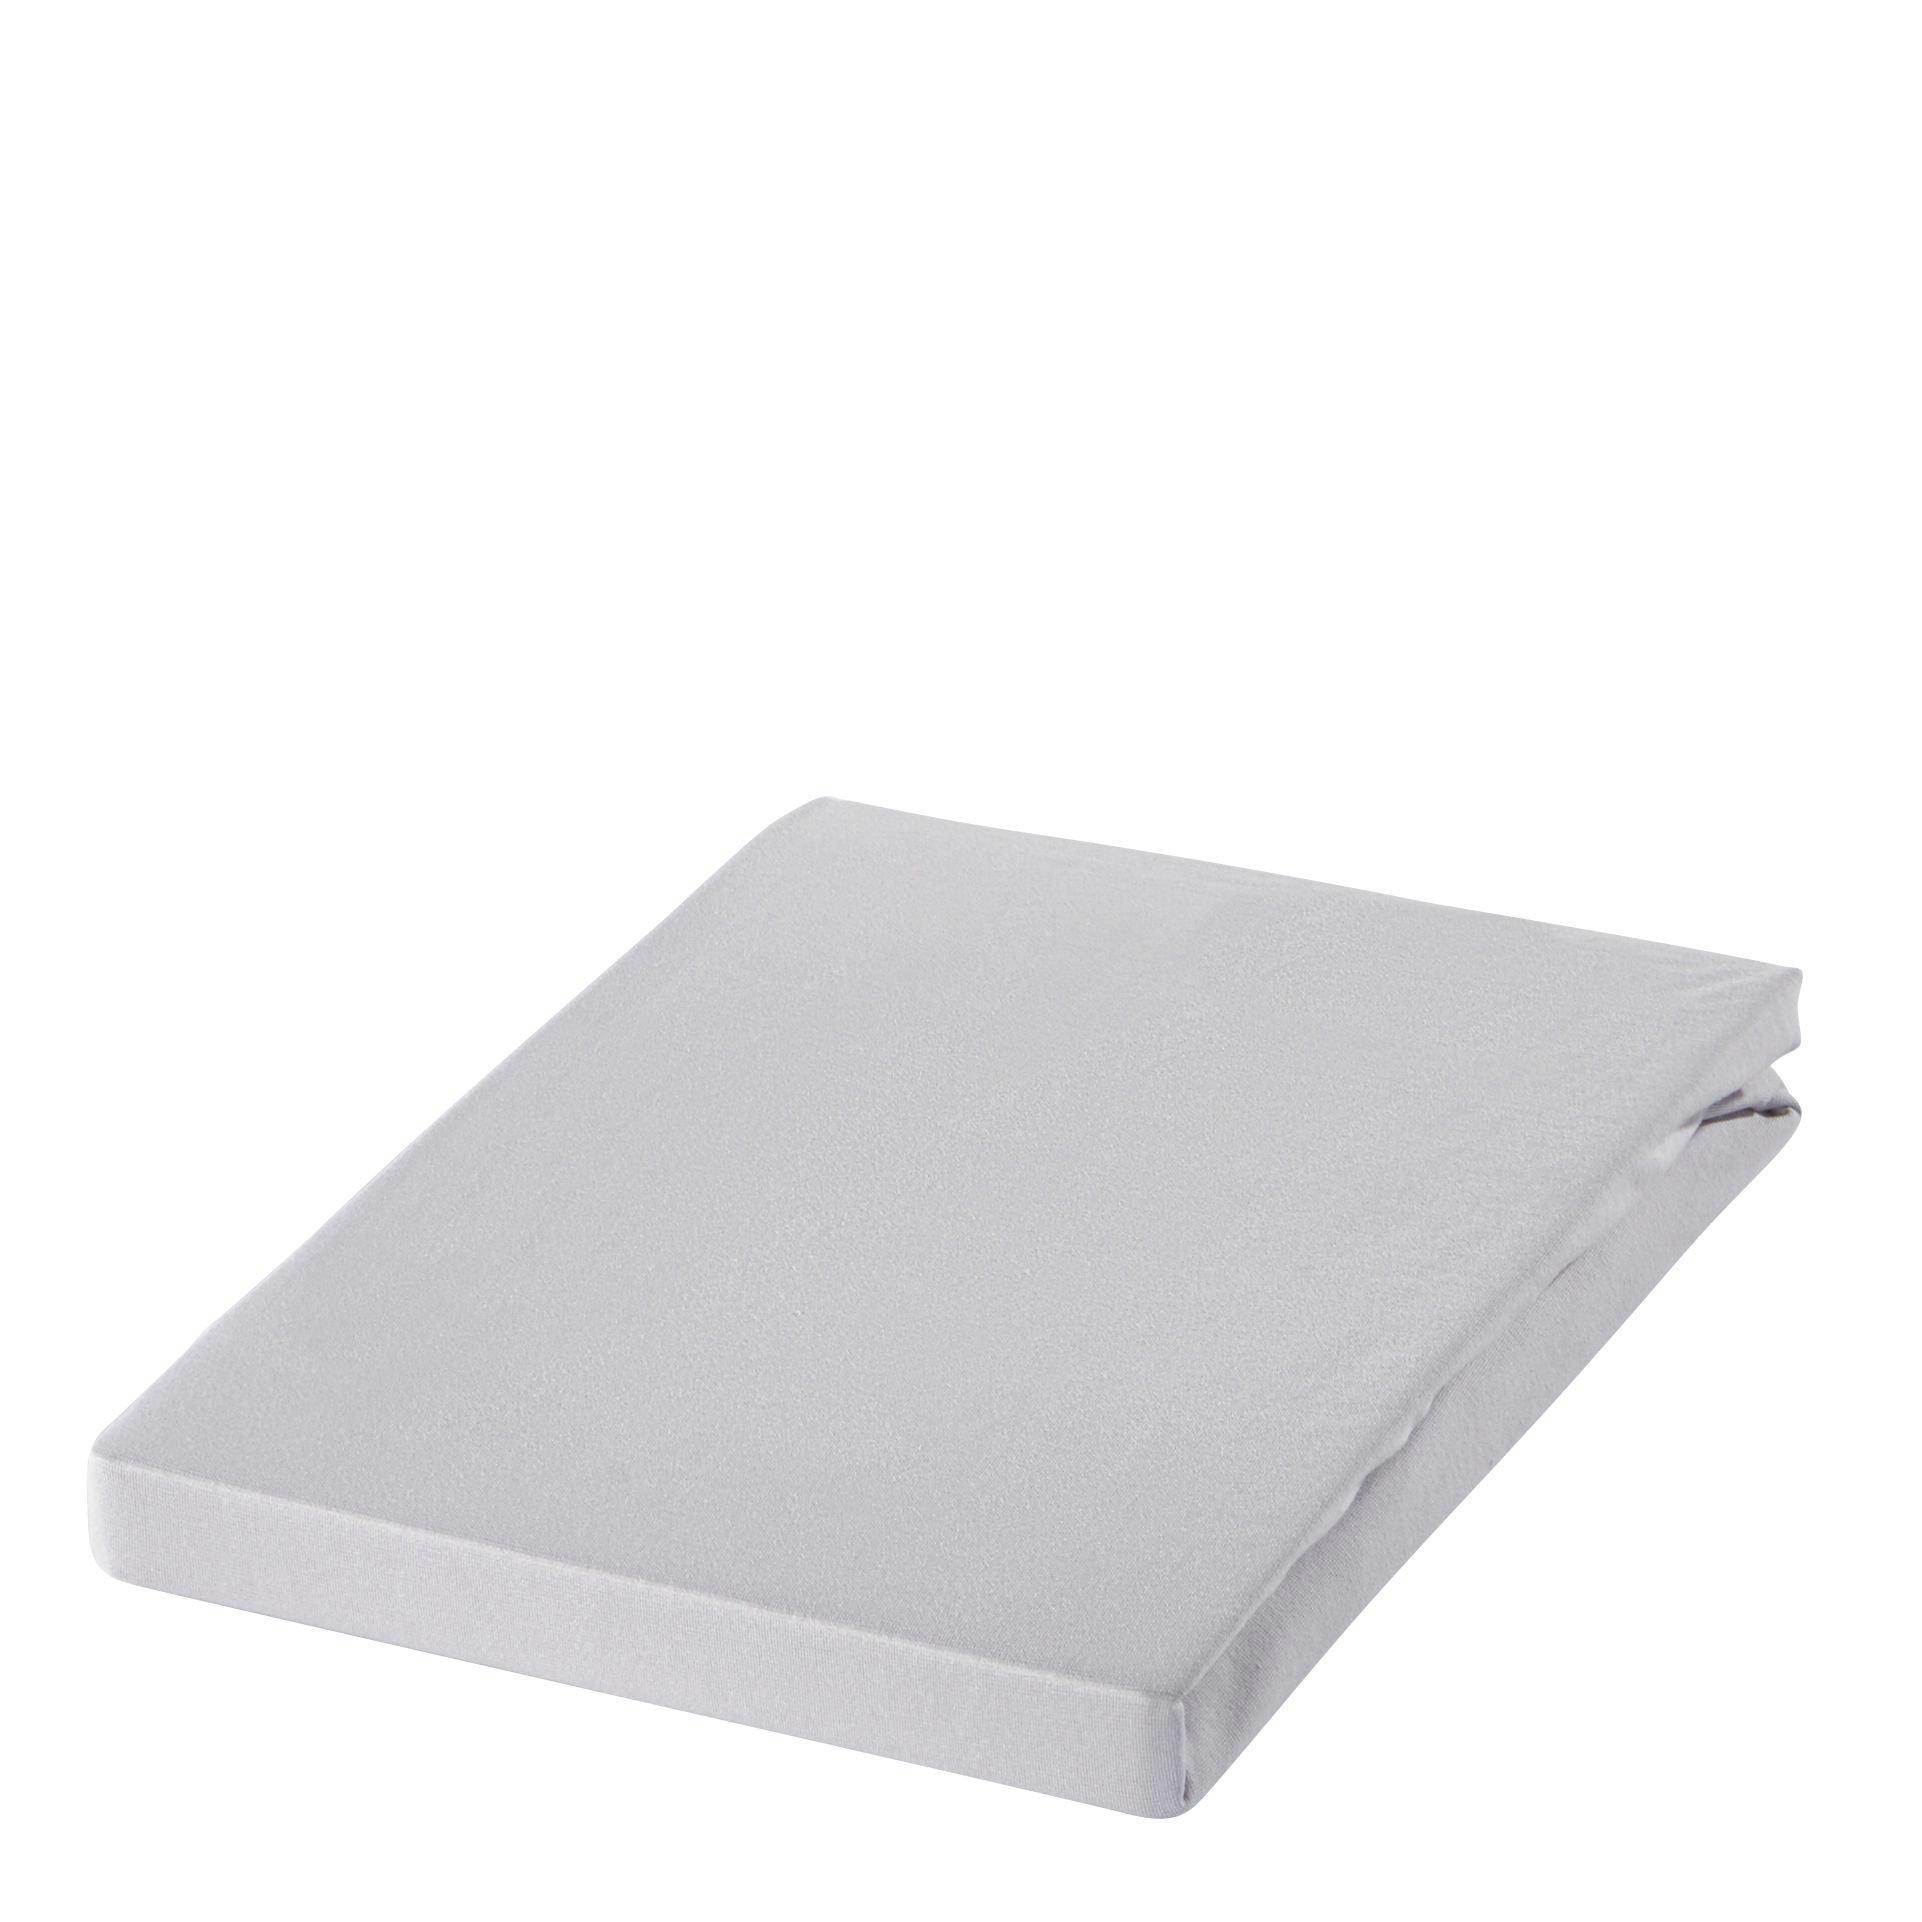 SPANNBETTTUCH Zwirn-Jersey Silberfarben bügelfrei, für Wasserbetten geeignet - Silberfarben, Basics, Textil (100/200cm) - ESTELLA